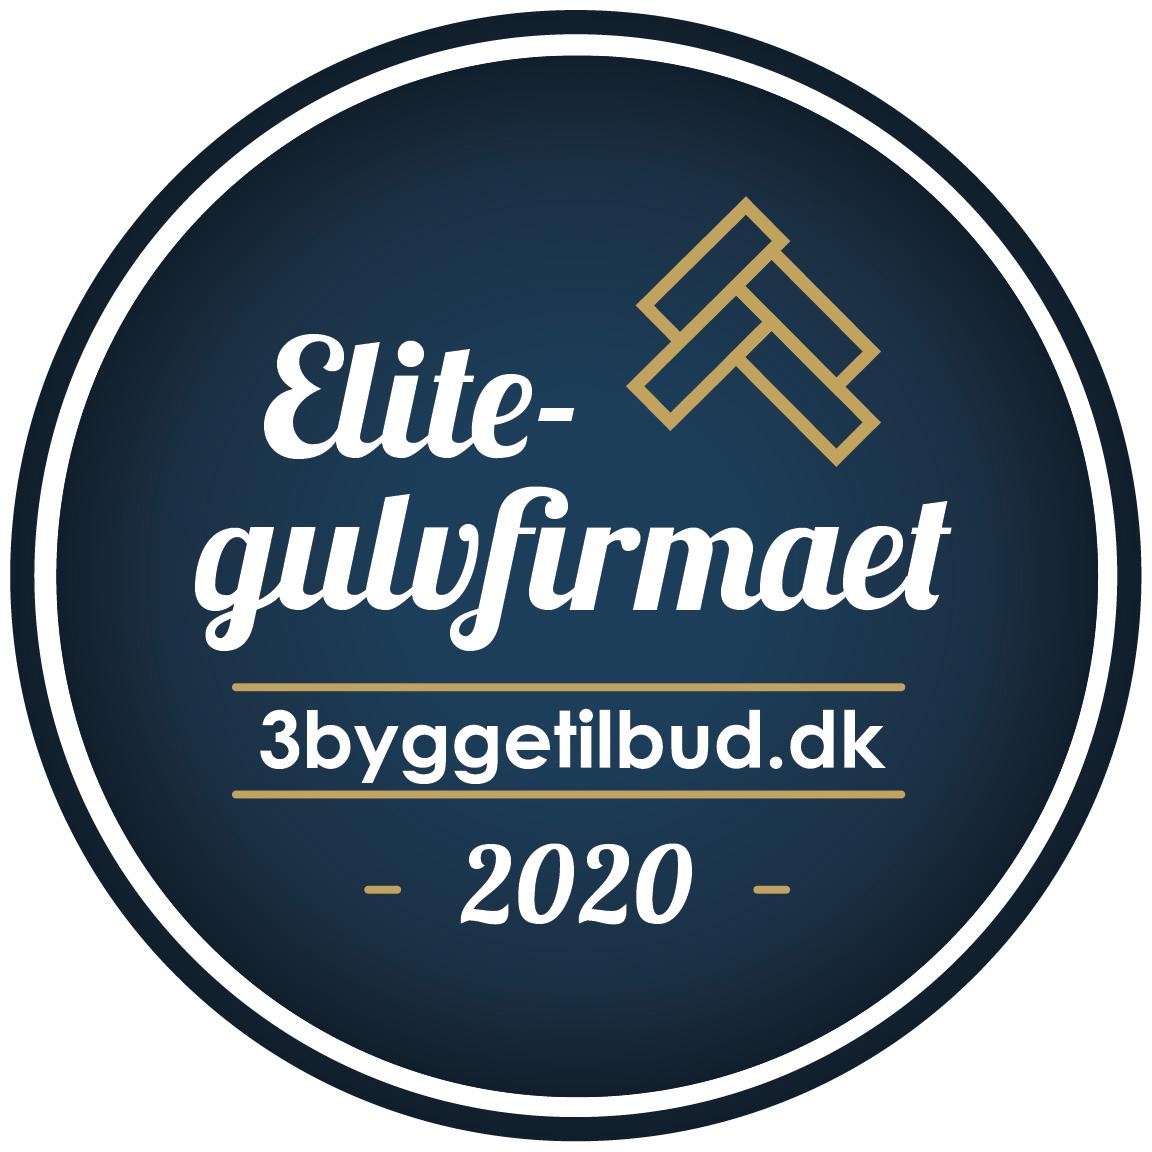 Elite gulvfirmaet 2020